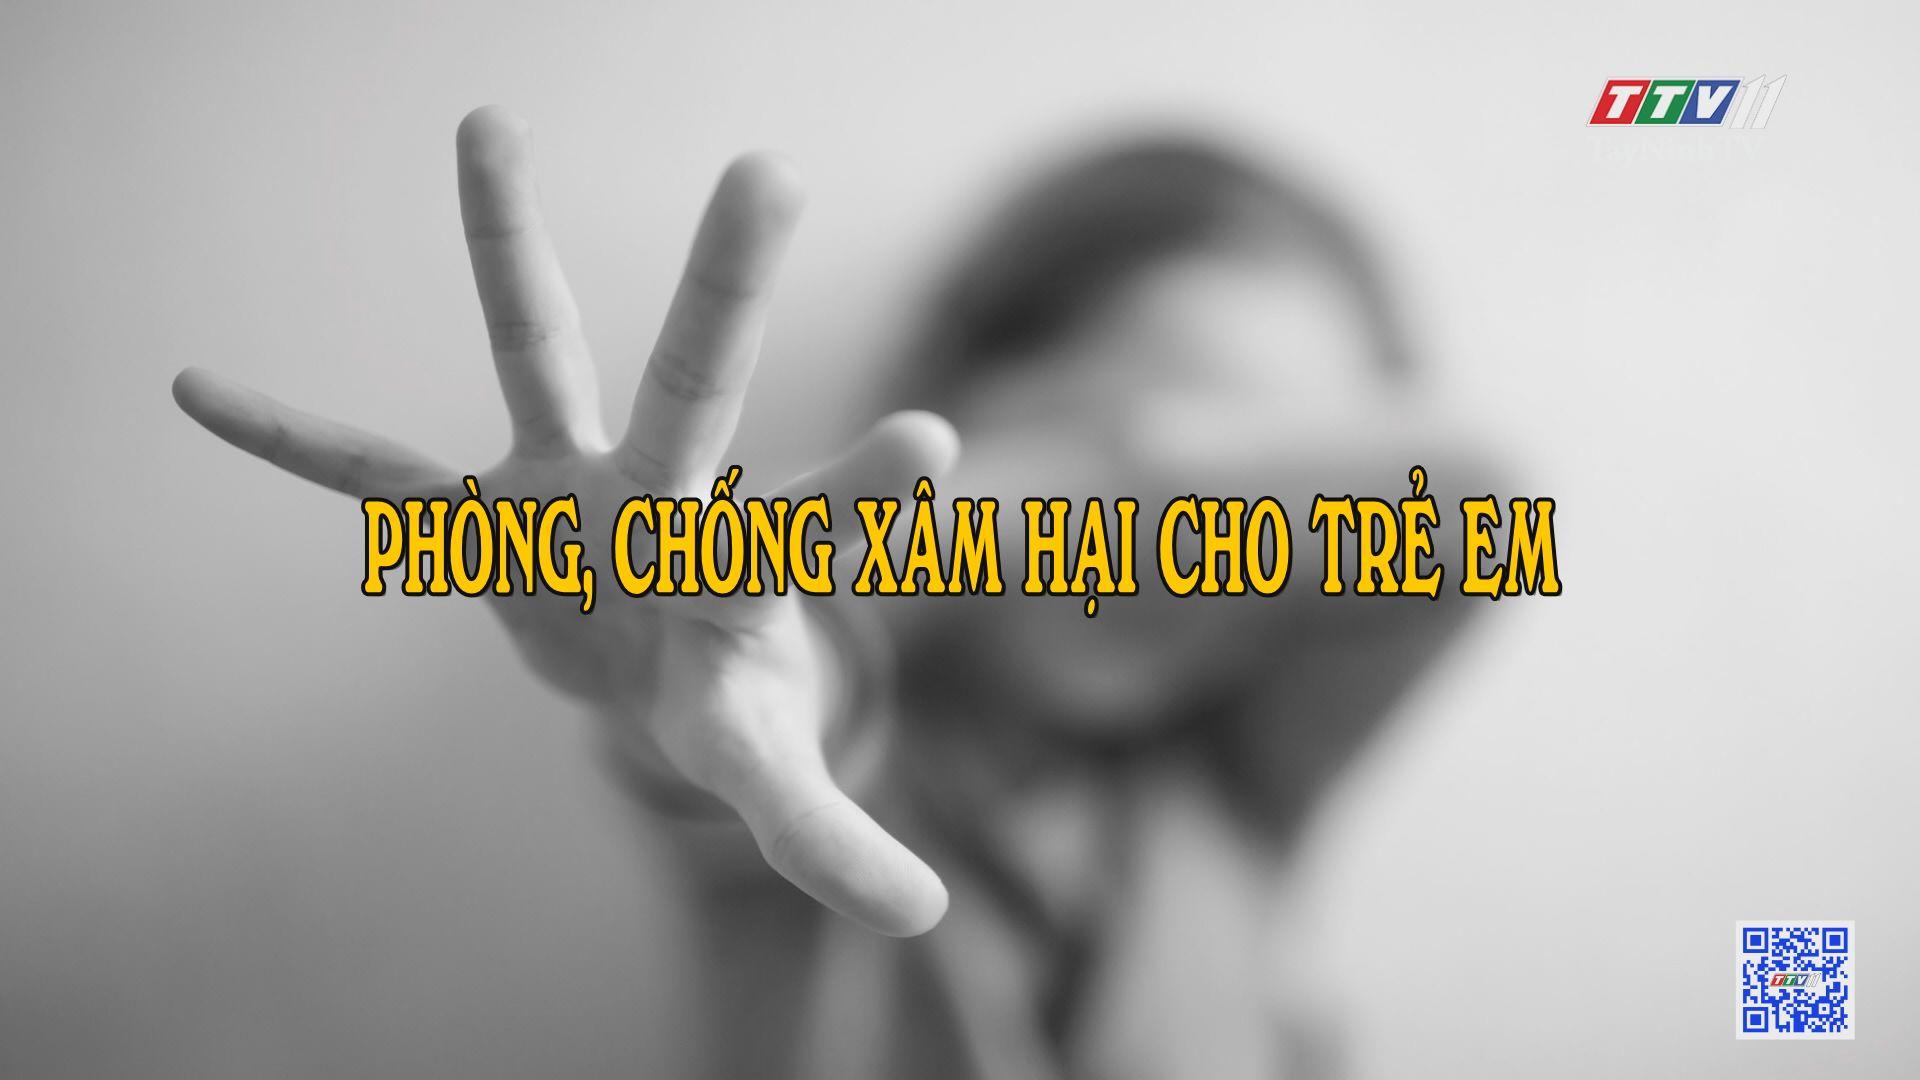 Phòng, chống xâm hại cho trẻ em | TRANG TUỔI THƠ | TayNinhTV